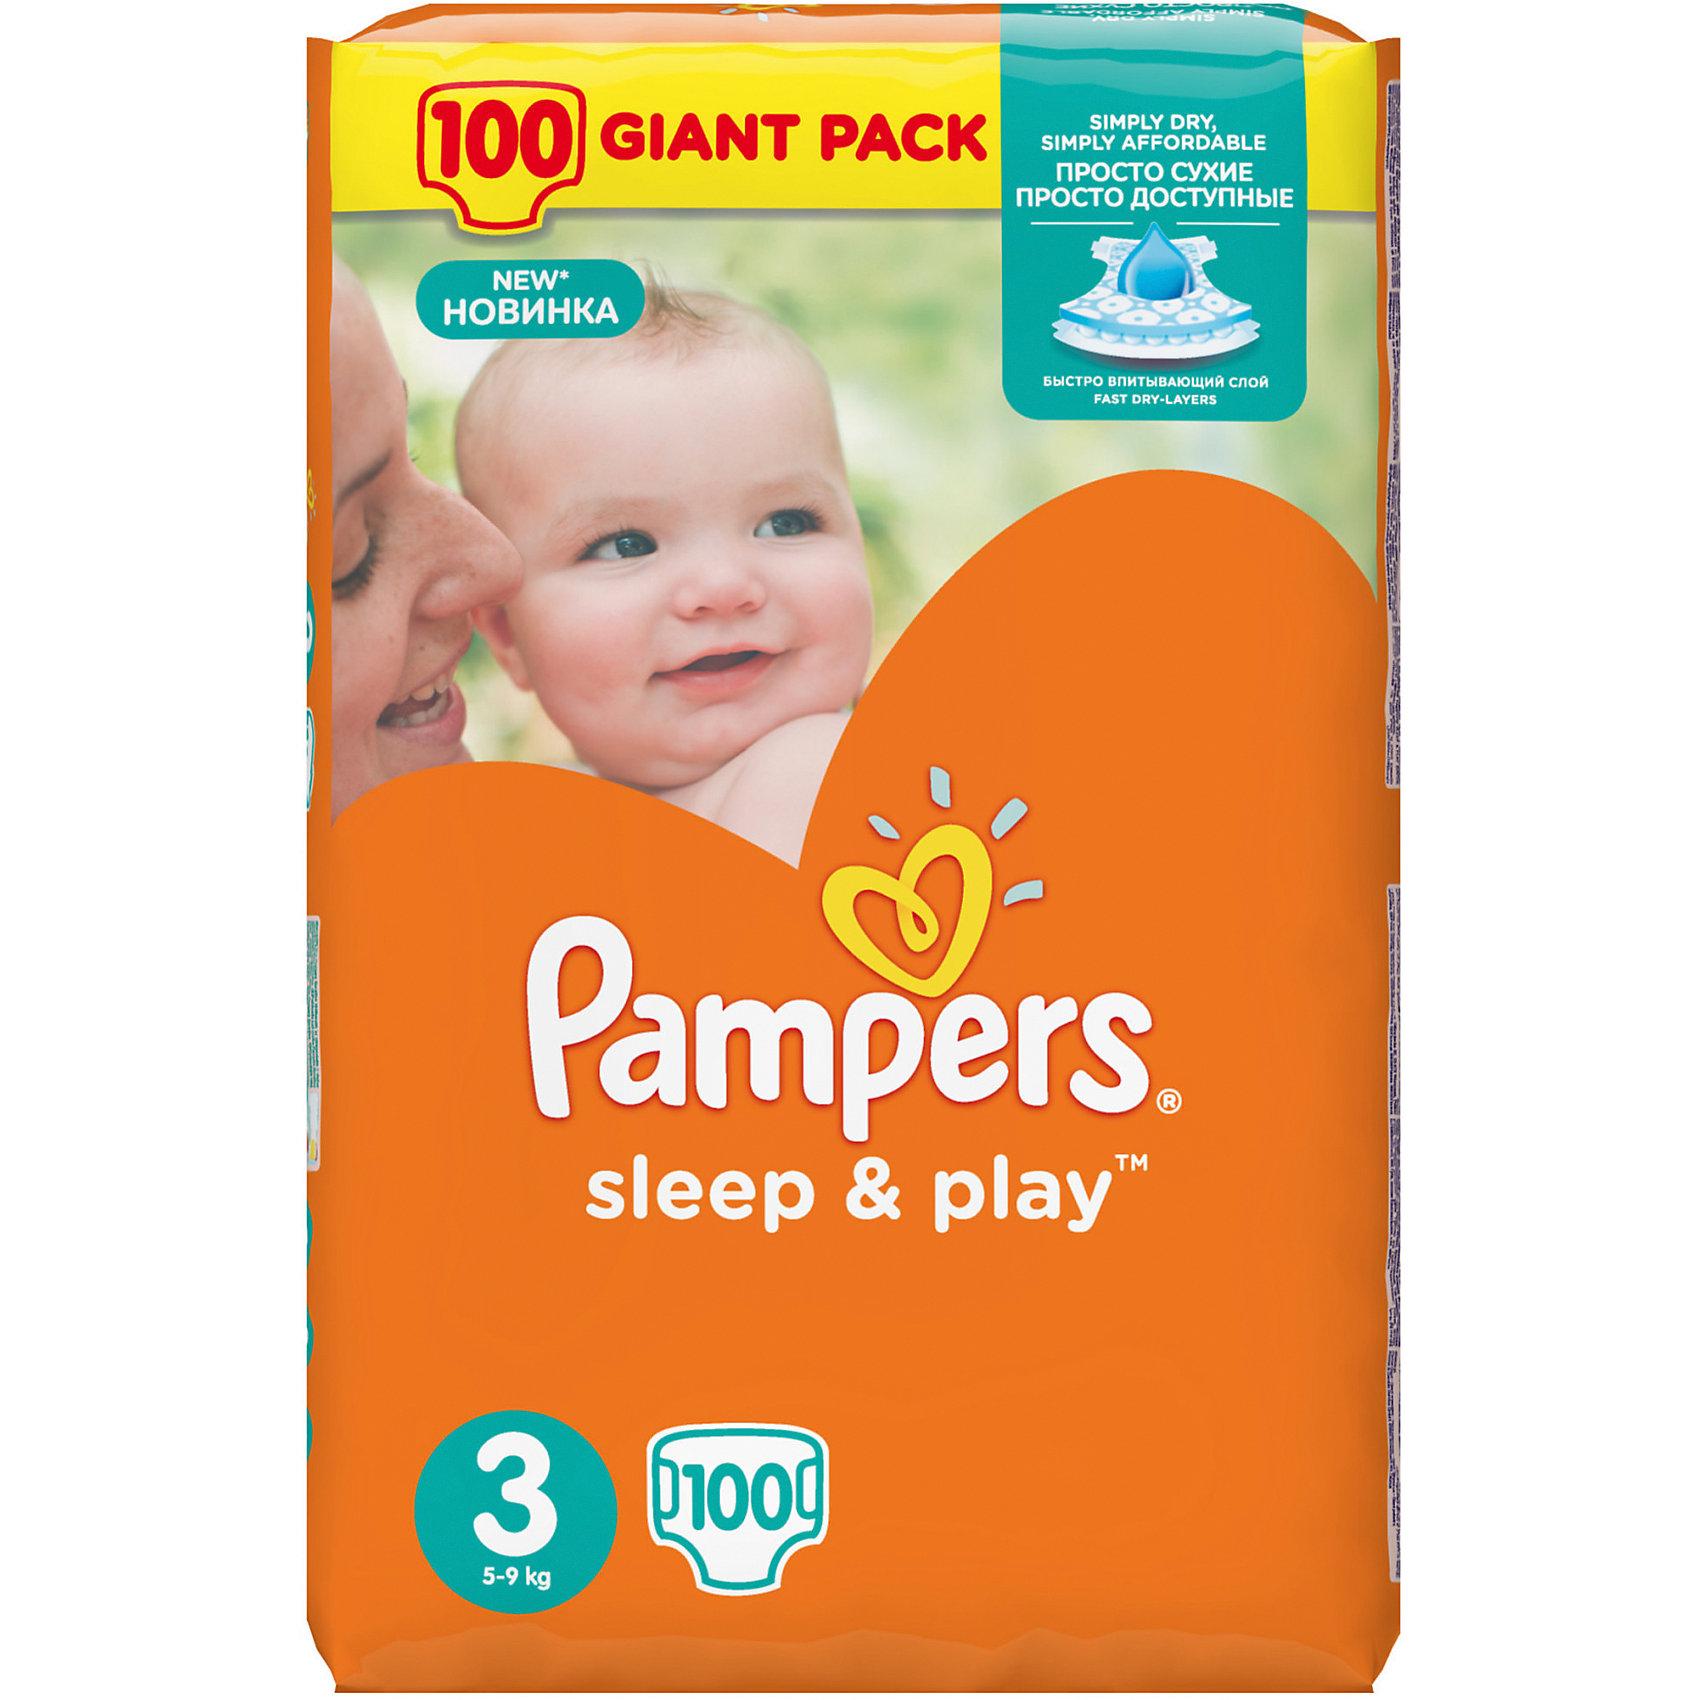 Подгузники Pampers Sleep &amp; Play, 5-9 кг, 3 размер, 100 шт., PampersХарактеристики:<br><br>• Пол: универсальный<br>• Тип подгузника: одноразовый<br>• Коллекция: Sleep &amp; Play<br>• Предназначение: для использования в любое время суток <br>• Размер: 3<br>• Вес ребенка: от 5 до 9 кг<br>• Количество в упаковке: 100 шт.<br>• Упаковка: пакет<br>• Размер упаковки: 37,7*11,5*39,5 см<br>• Вес в упаковке: 2 кг 522 г<br>• Эластичные застежки-липучки<br>• Быстро впитывающий слой<br>• Яркий дизайн<br>• Сохранение сухости в течение 9-ти часов<br>• Содержит экстракт ромашки<br><br>Подгузники Pampers Sleep &amp; Play, 5-9 кг, 3 размер, 100 шт., Pampers – это линейка классических детских подгузников от Pampers, которая сочетает в себе качество и безопасность материалов, удобство использования и комфорт для нежной кожи малыша. Подгузники предназначены для младенцев весом до 9 кг. Инновационные технологии и современные материалы обеспечивают этим подгузникам Дышащие свойства, что особенно важно для кожи малыша. <br><br>Впитывающие свойства изделию обеспечивает уникальный слой, который равномерно распределяет влагу внутри подгузника, при этом сохраняя сухость верхнего слоя. У подгузников предусмотрена эластичная мягкая резиночка на спинке. Широкие липучки с двух сторон обеспечивают надежную фиксацию. В составе подгузника имеется экстракт ромашки, который защищает кожу ребенка от раздражений. Подгузник подходит как для мальчиков, так и для девочек. <br><br>Подгузники Pampers Sleep &amp; Play, 5-9 кг, 3 размер, 100 шт., Pampers можно купить в нашем интернет-магазине.<br><br>Ширина мм: 377<br>Глубина мм: 115<br>Высота мм: 395<br>Вес г: 2522<br>Возраст от месяцев: 3<br>Возраст до месяцев: 12<br>Пол: Унисекс<br>Возраст: Детский<br>SKU: 5419062